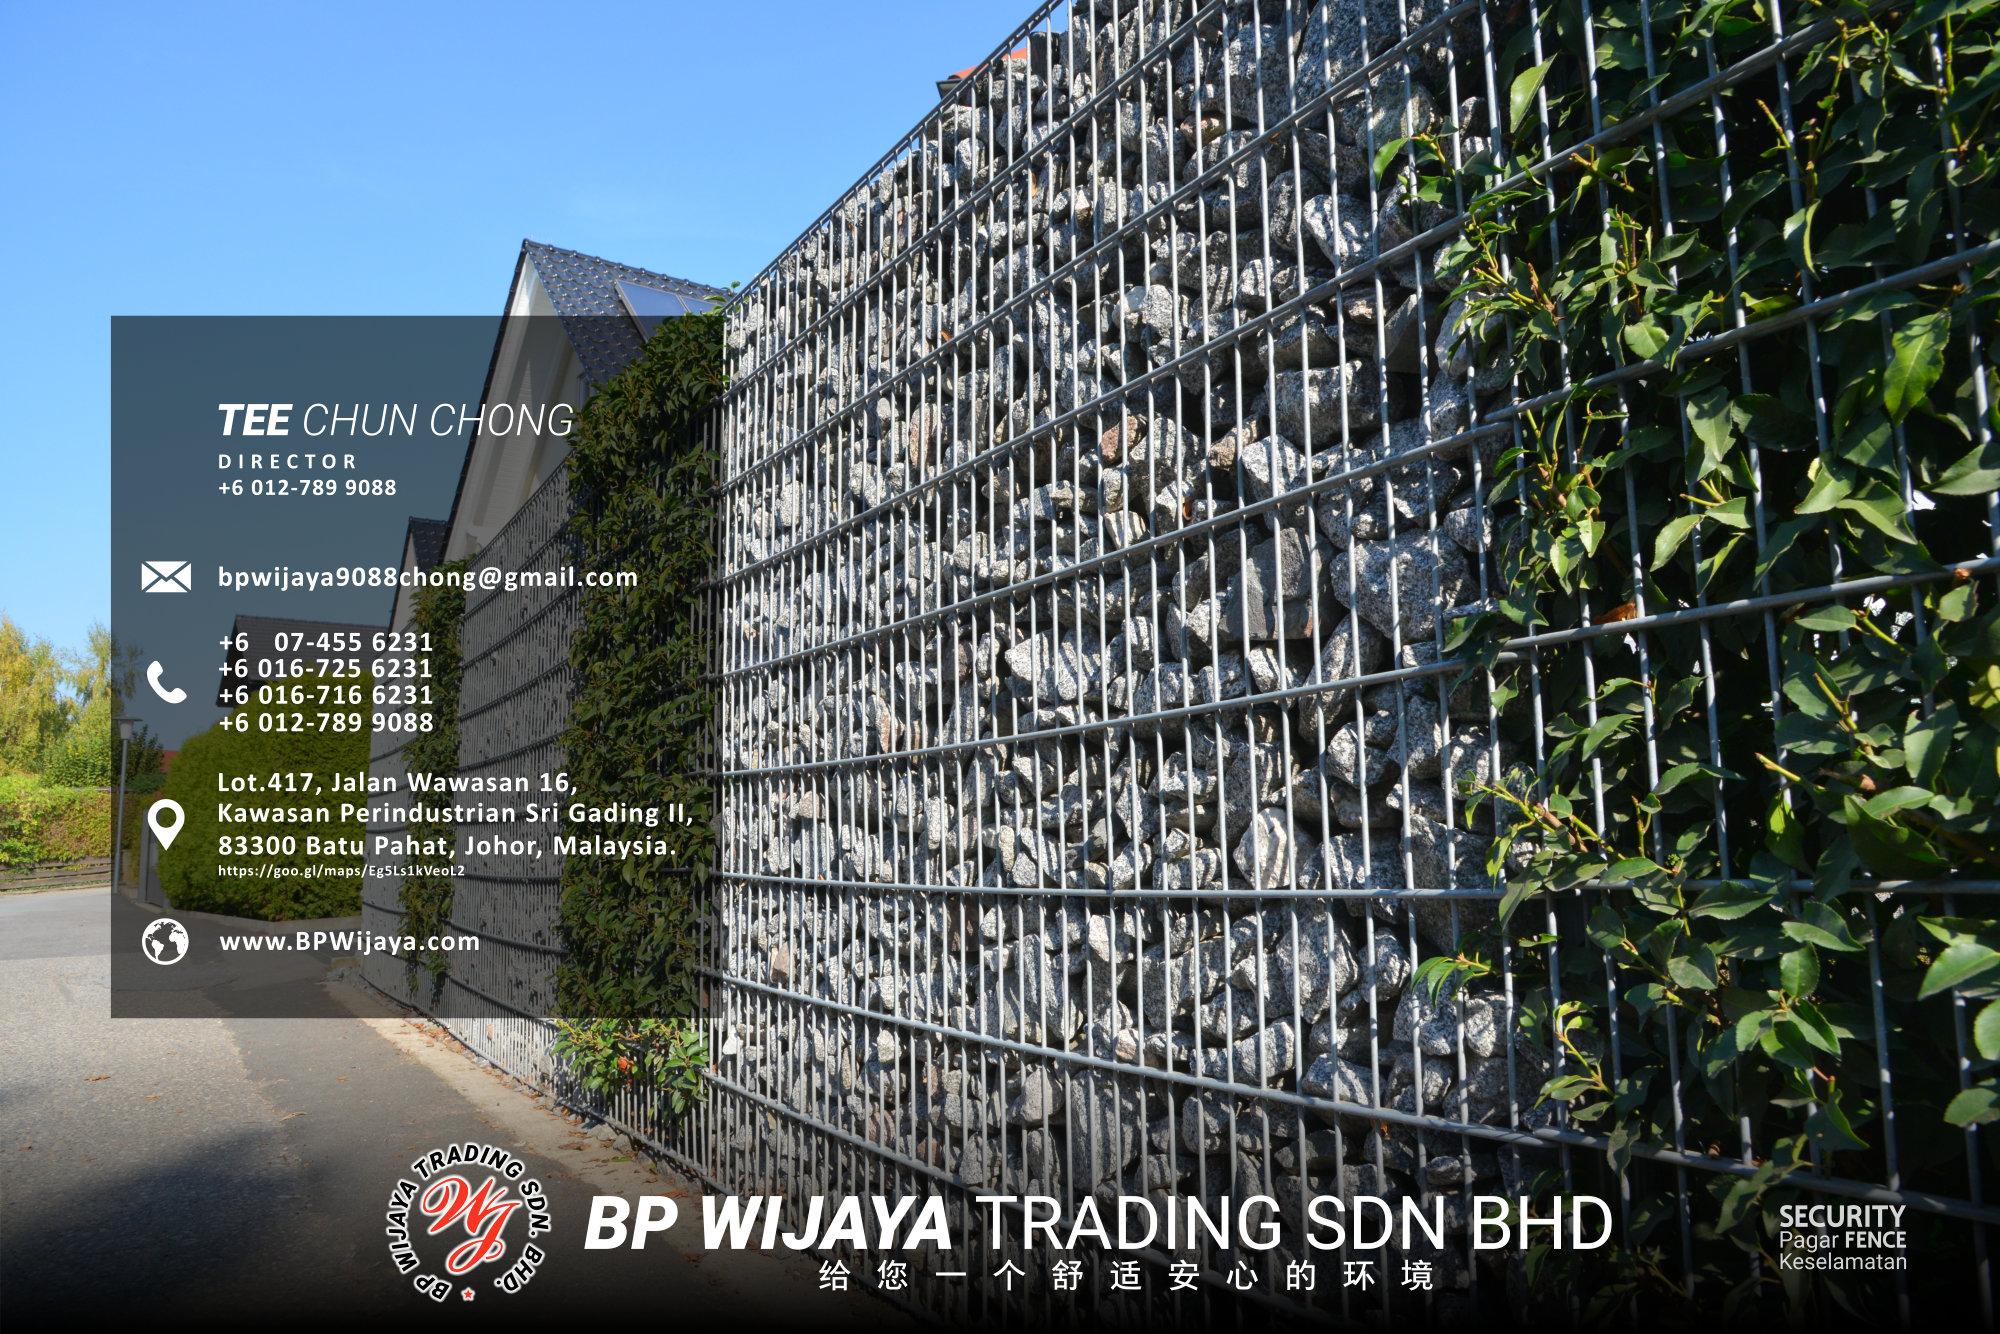 吉隆坡安全篱笆供应商 - 我们是安全篱笆制造商 BP Wijaya Trading Sdn Bhd 住家围栏篱笆 提供 吉隆坡篱笆 建筑材料 给 发展商 花园 公寓 住家 工厂 农场 果园 安全藩篱 建设 A03-030